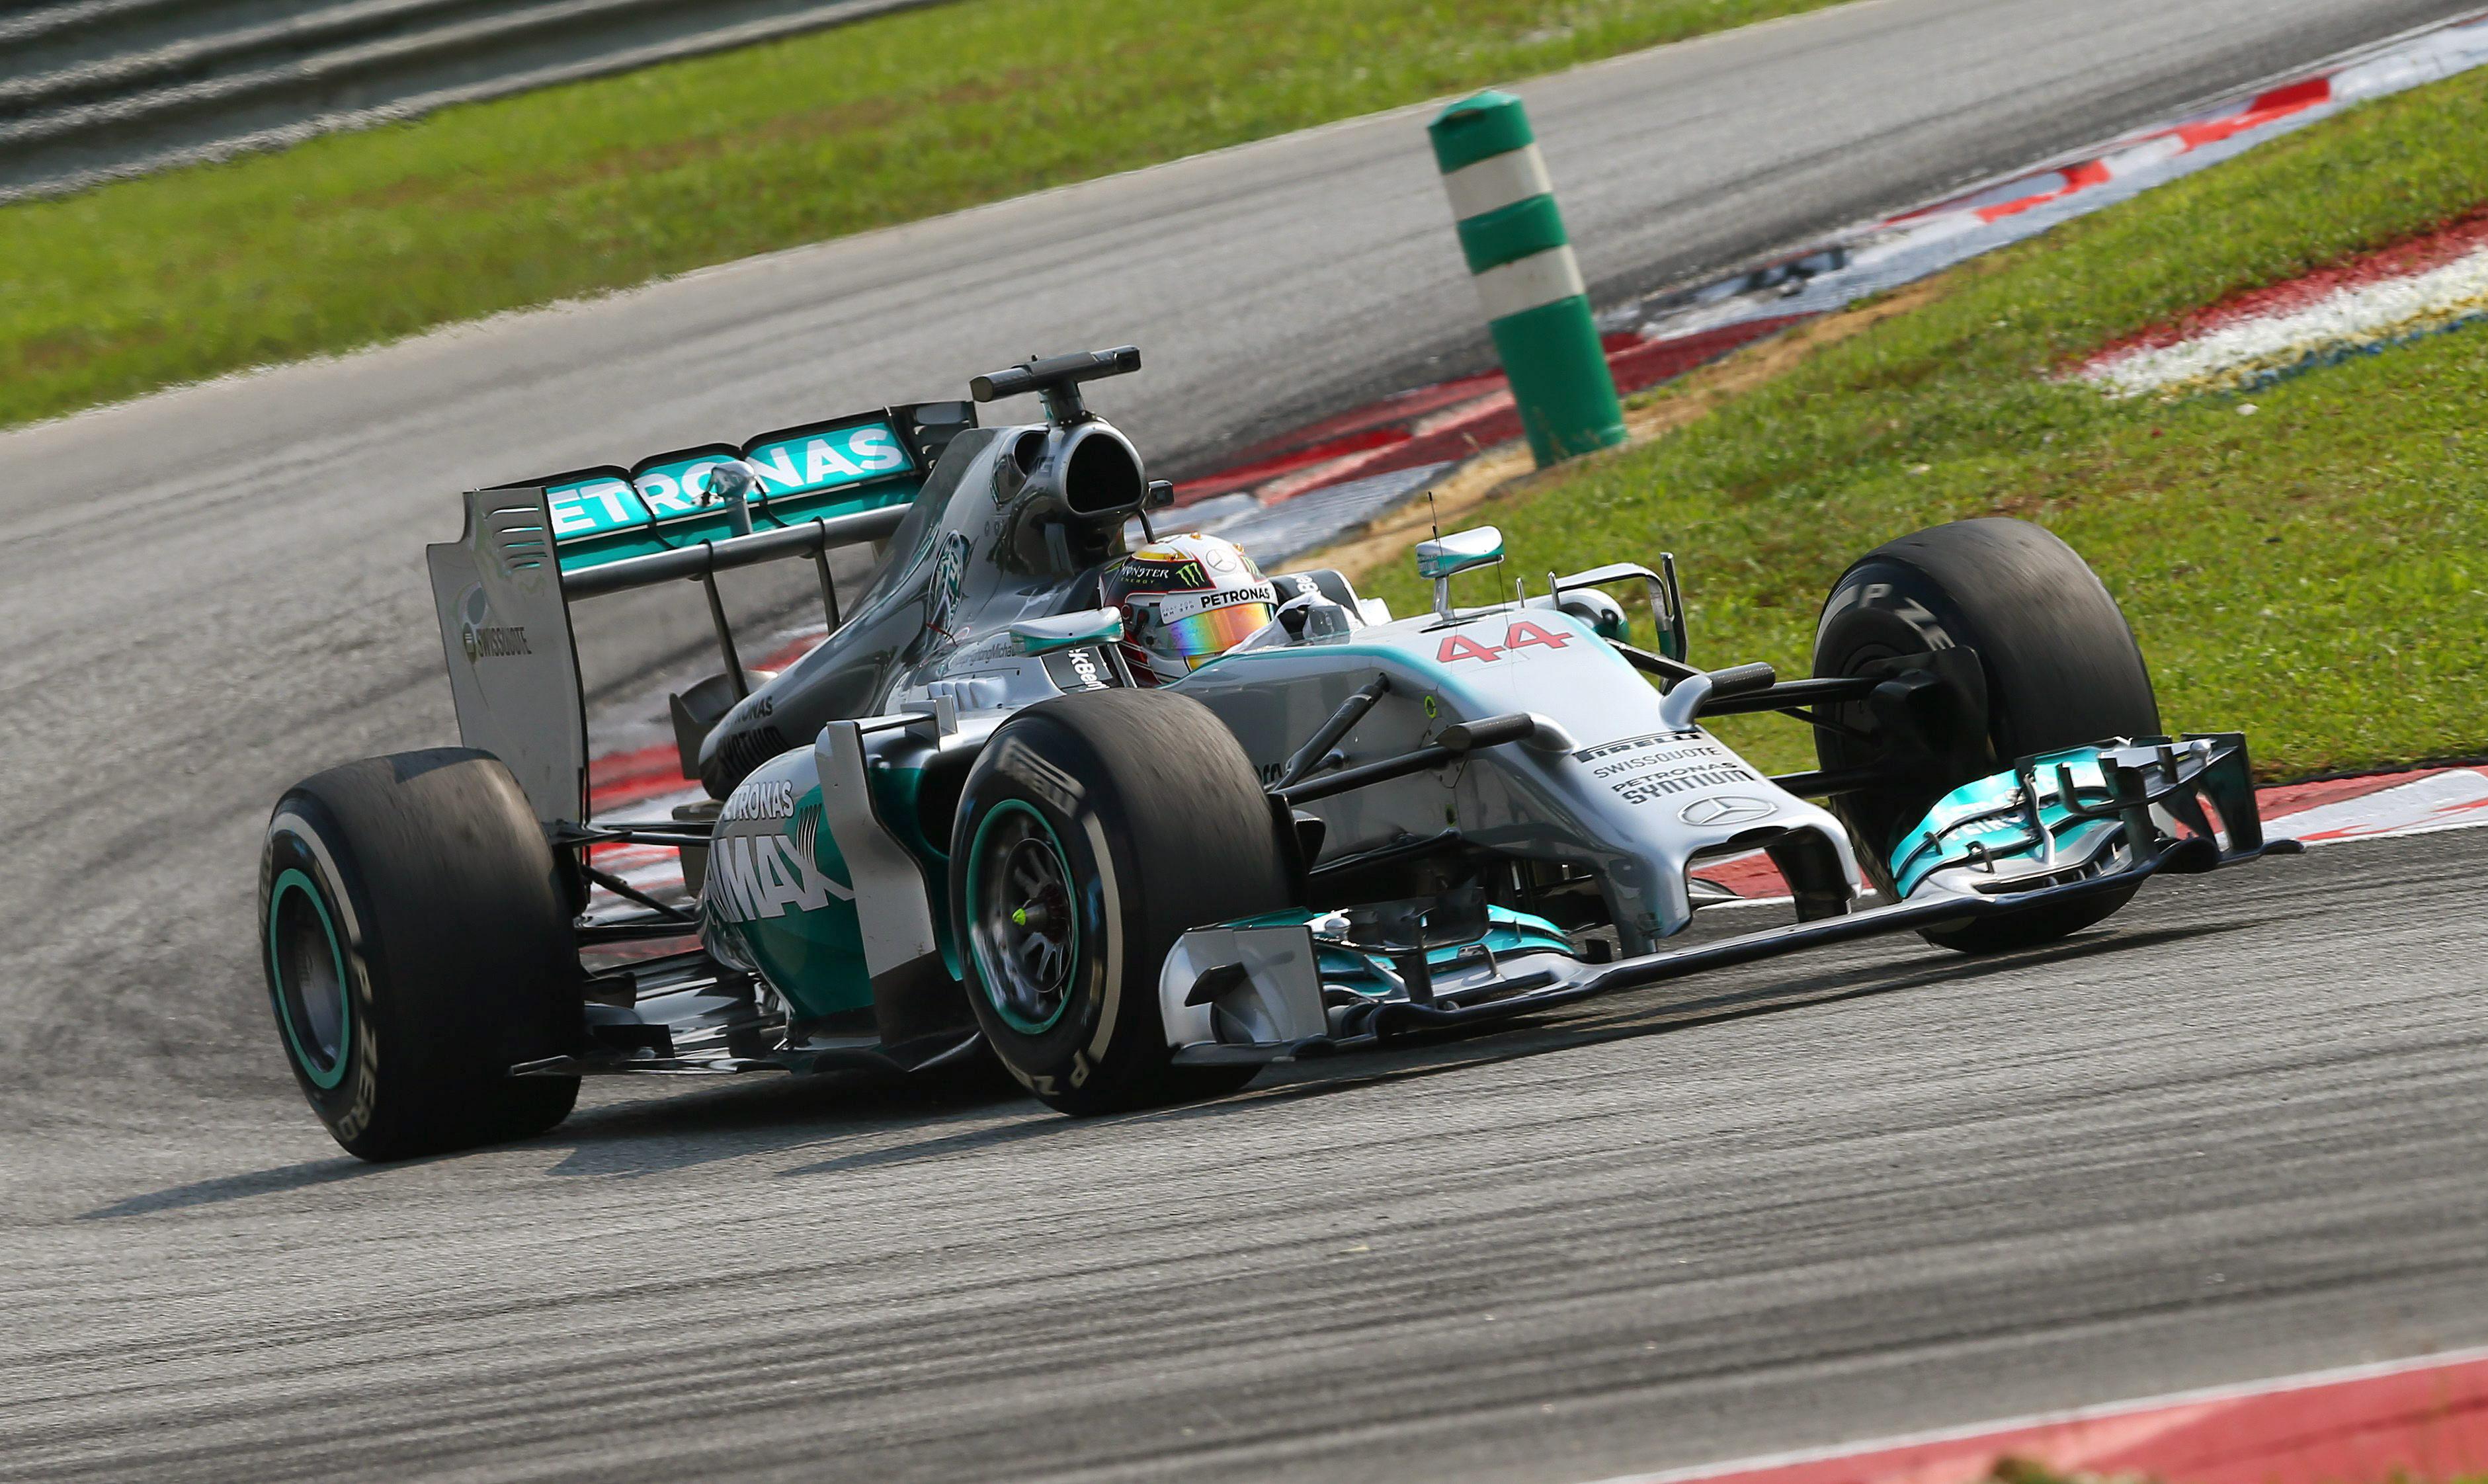 A Hamilton le mostraron la bandera a cuadros por error una vuelta antes del final